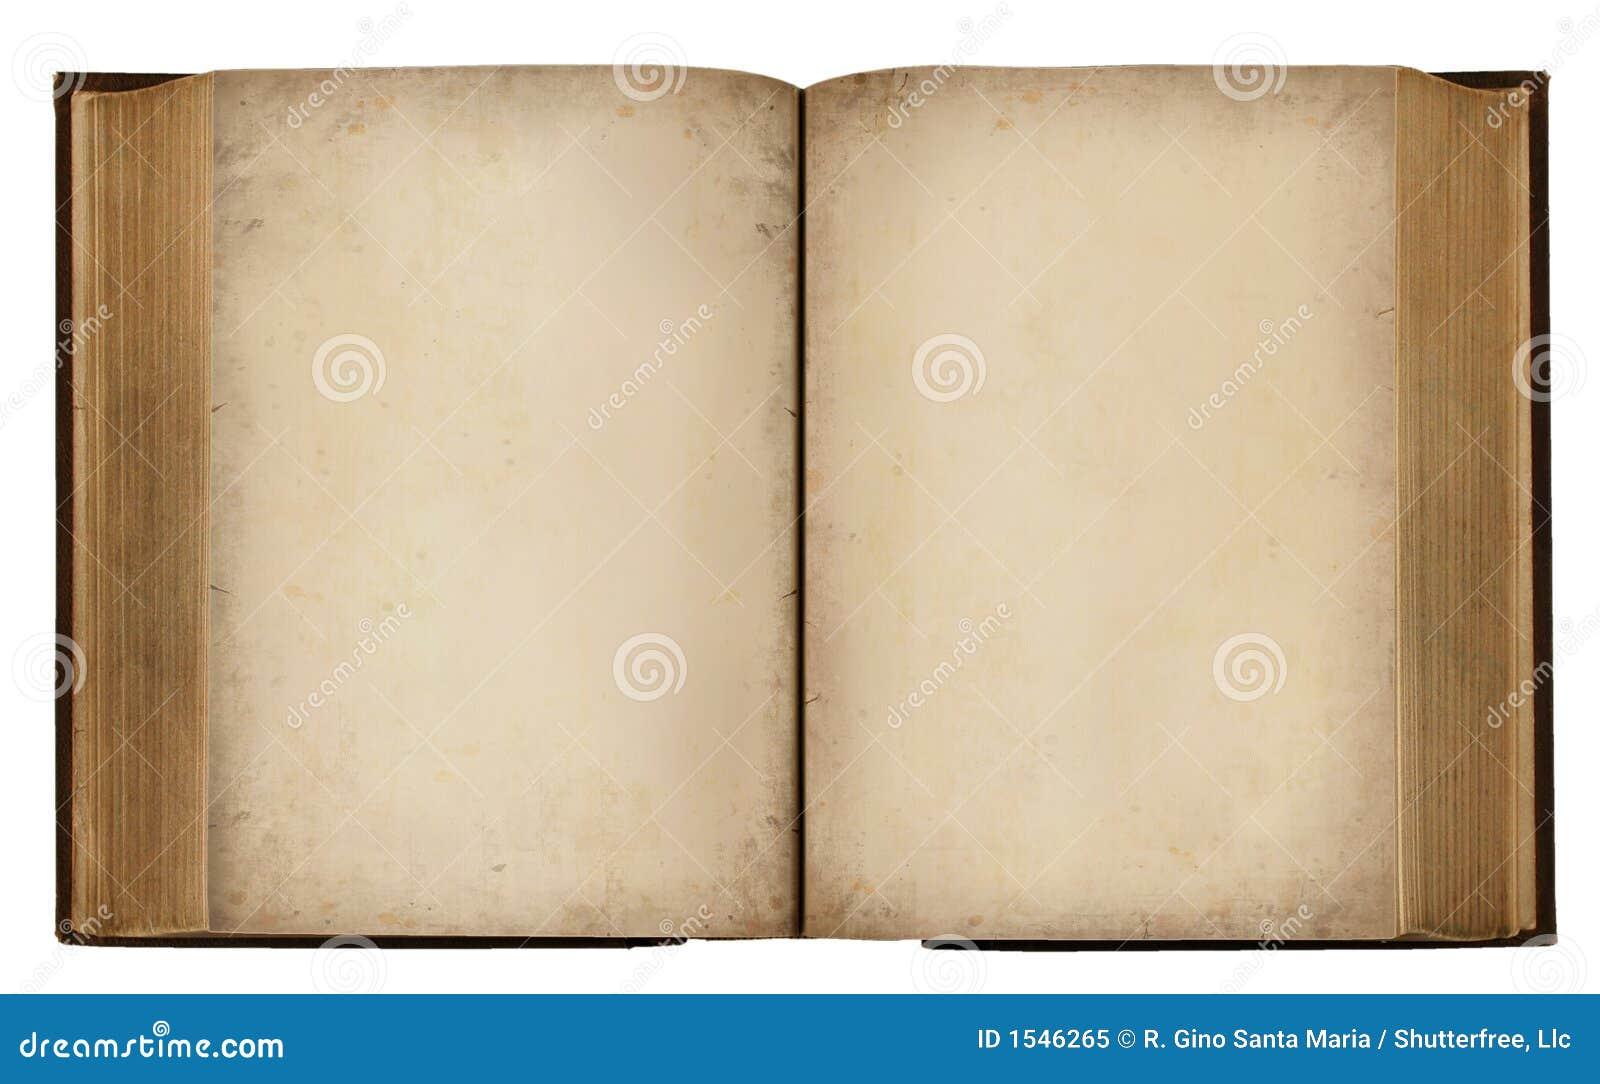 Livro Em Branco Do Vintage Foto de Stock Royalty Free - Imagem: 1546265